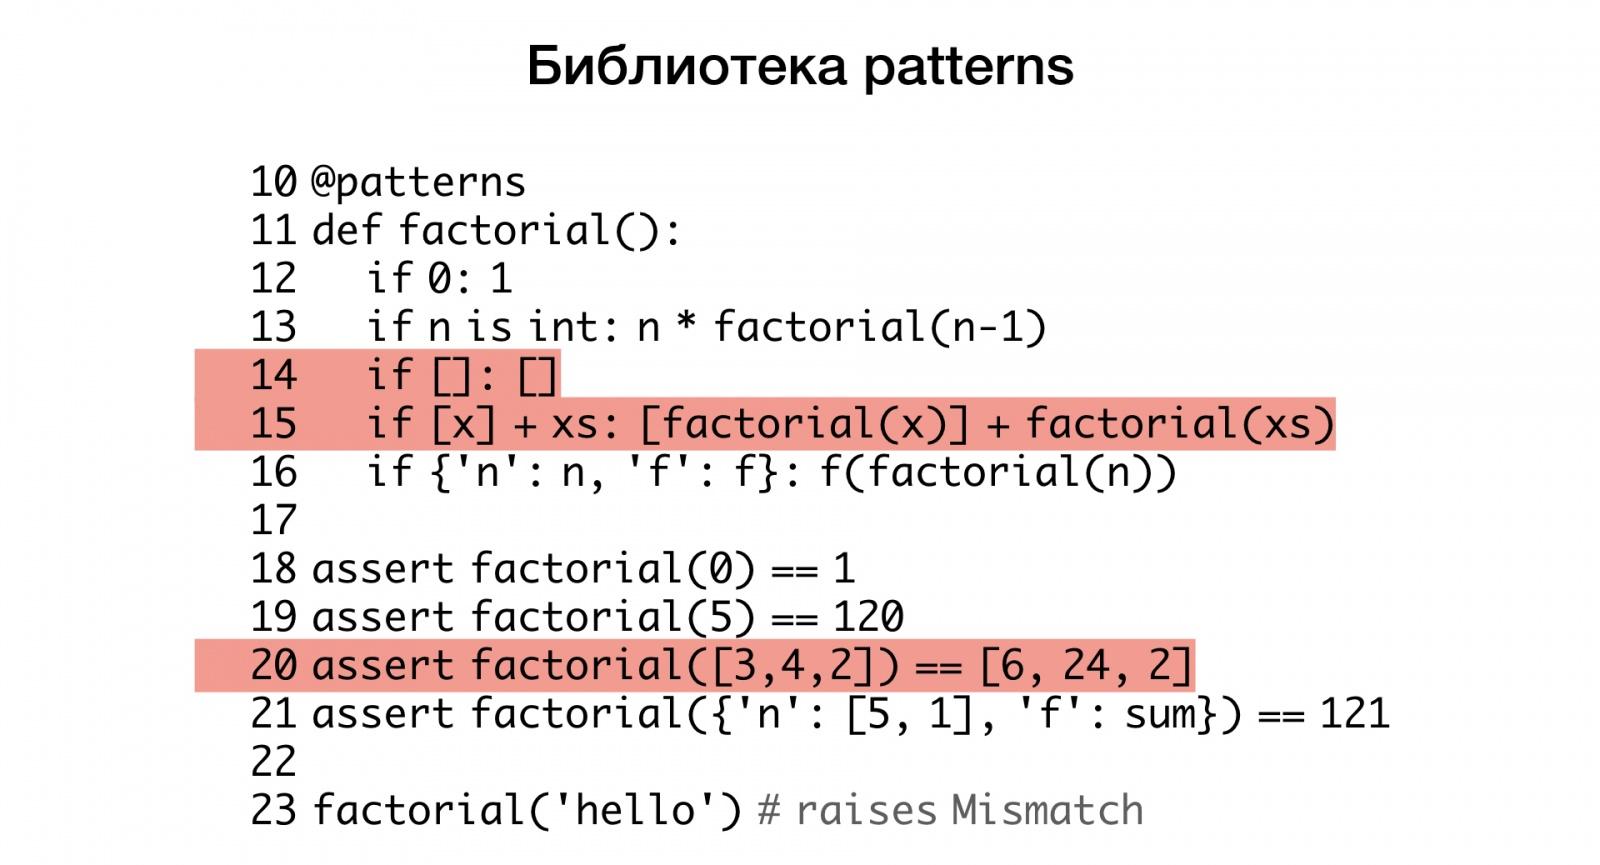 Макросы для питониста. Доклад Яндекса - 12